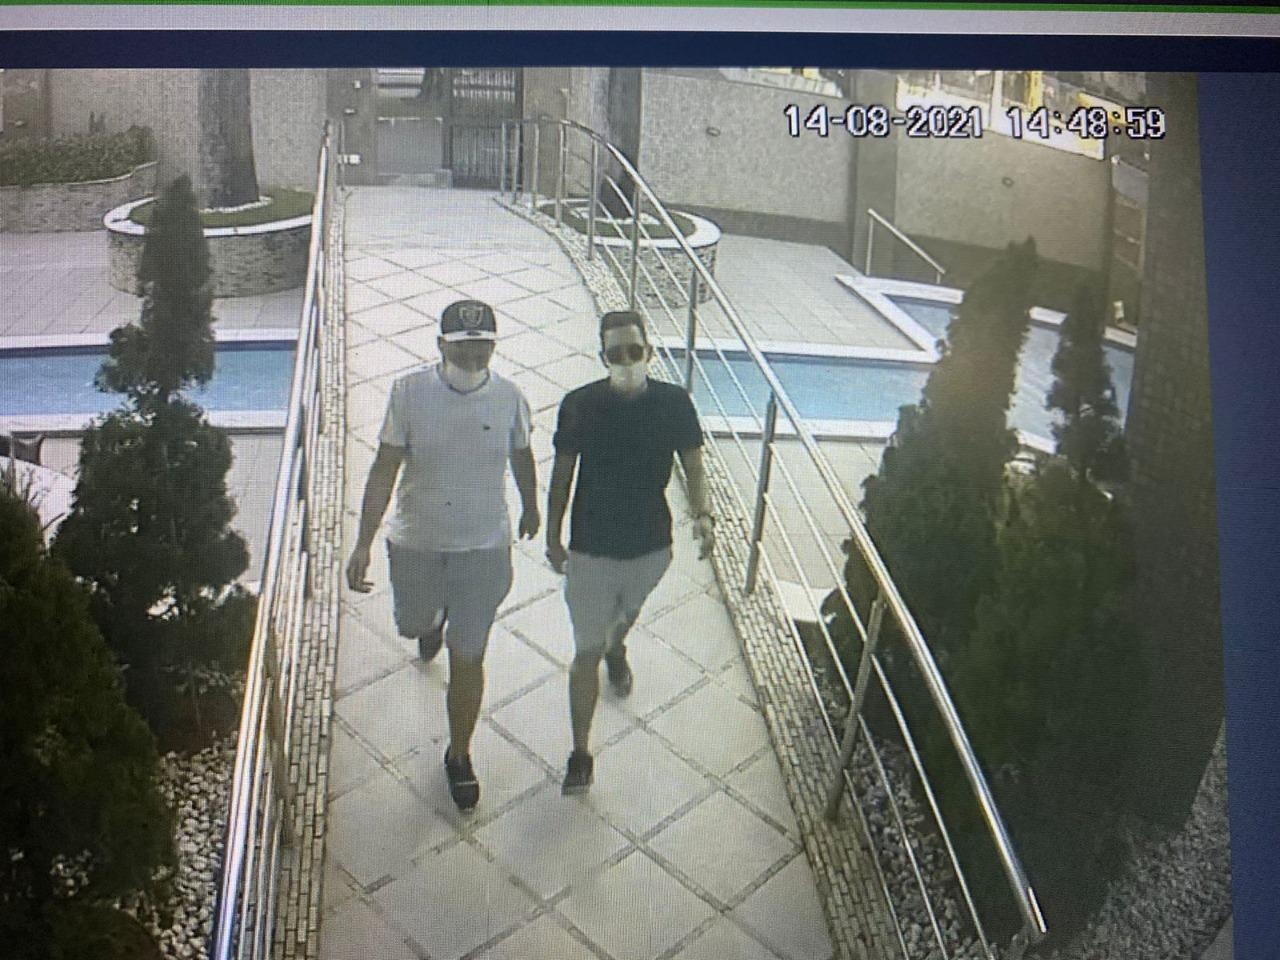 WhatsApp Image 2021 08 17 at 10.45.34 - Delegado diz que dupla que roubou mais de R$ 1 milhão de apartamento em João Pessoa agiu com frieza e ousadia